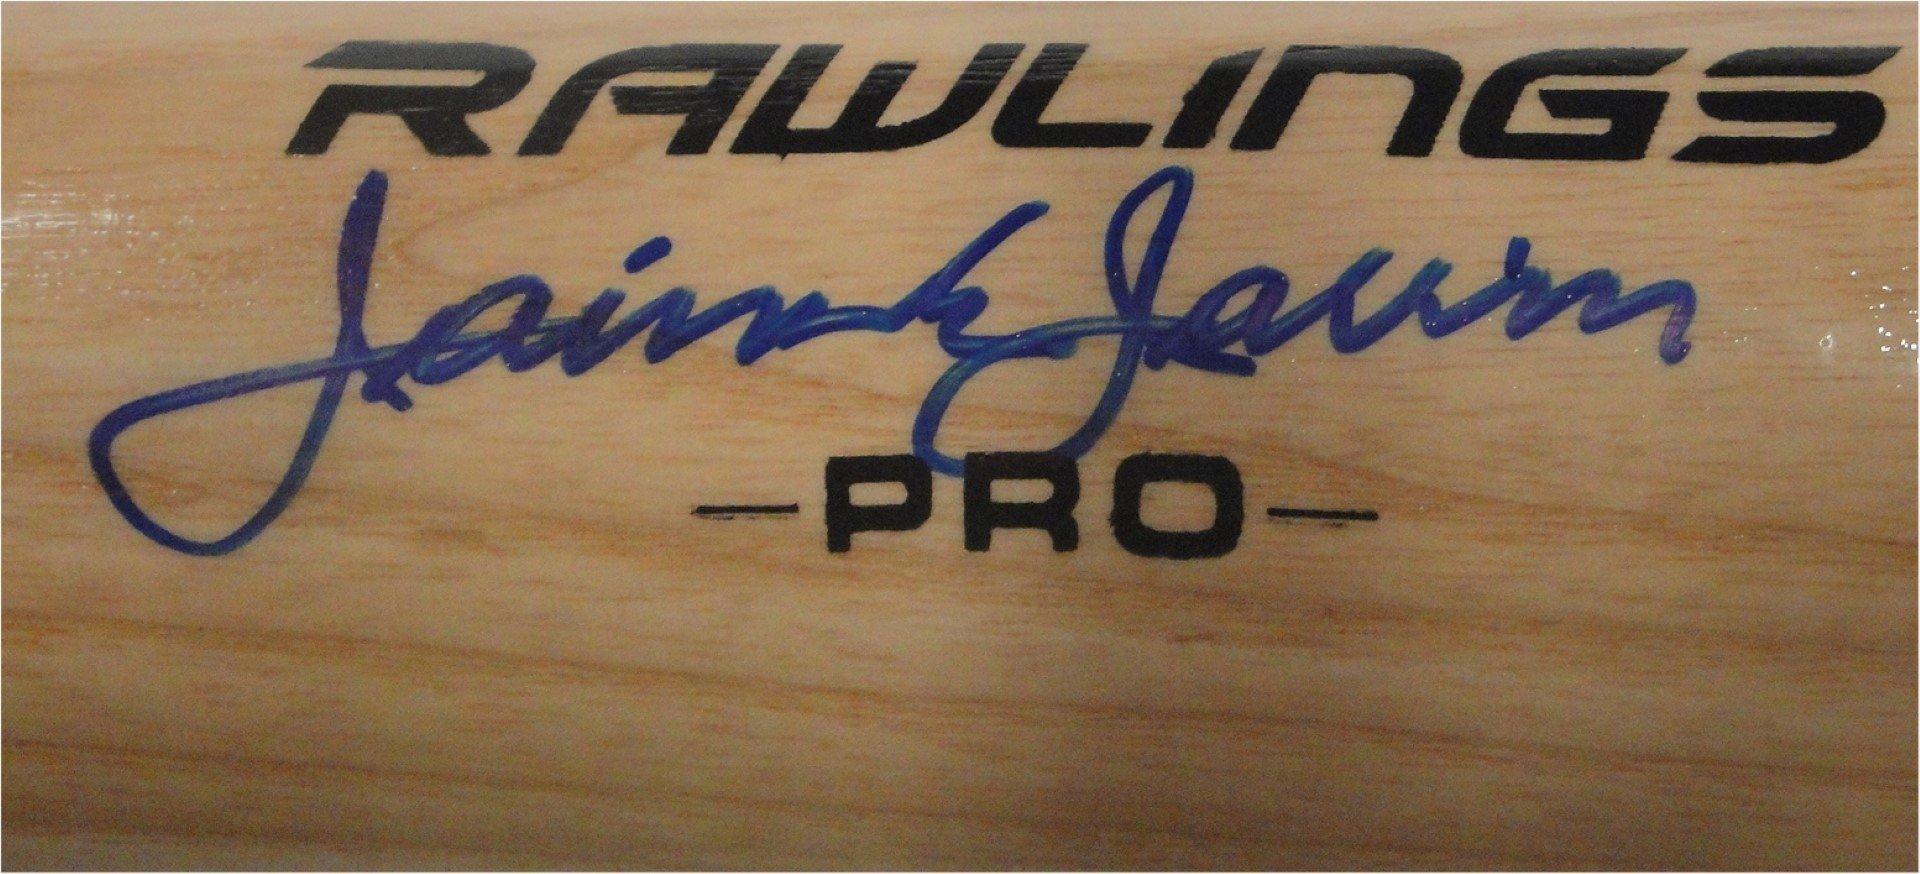 Jaime Jarrin Hand Signed Autographed Baseball Bat Los Angeles Dodgers PSA/DNA